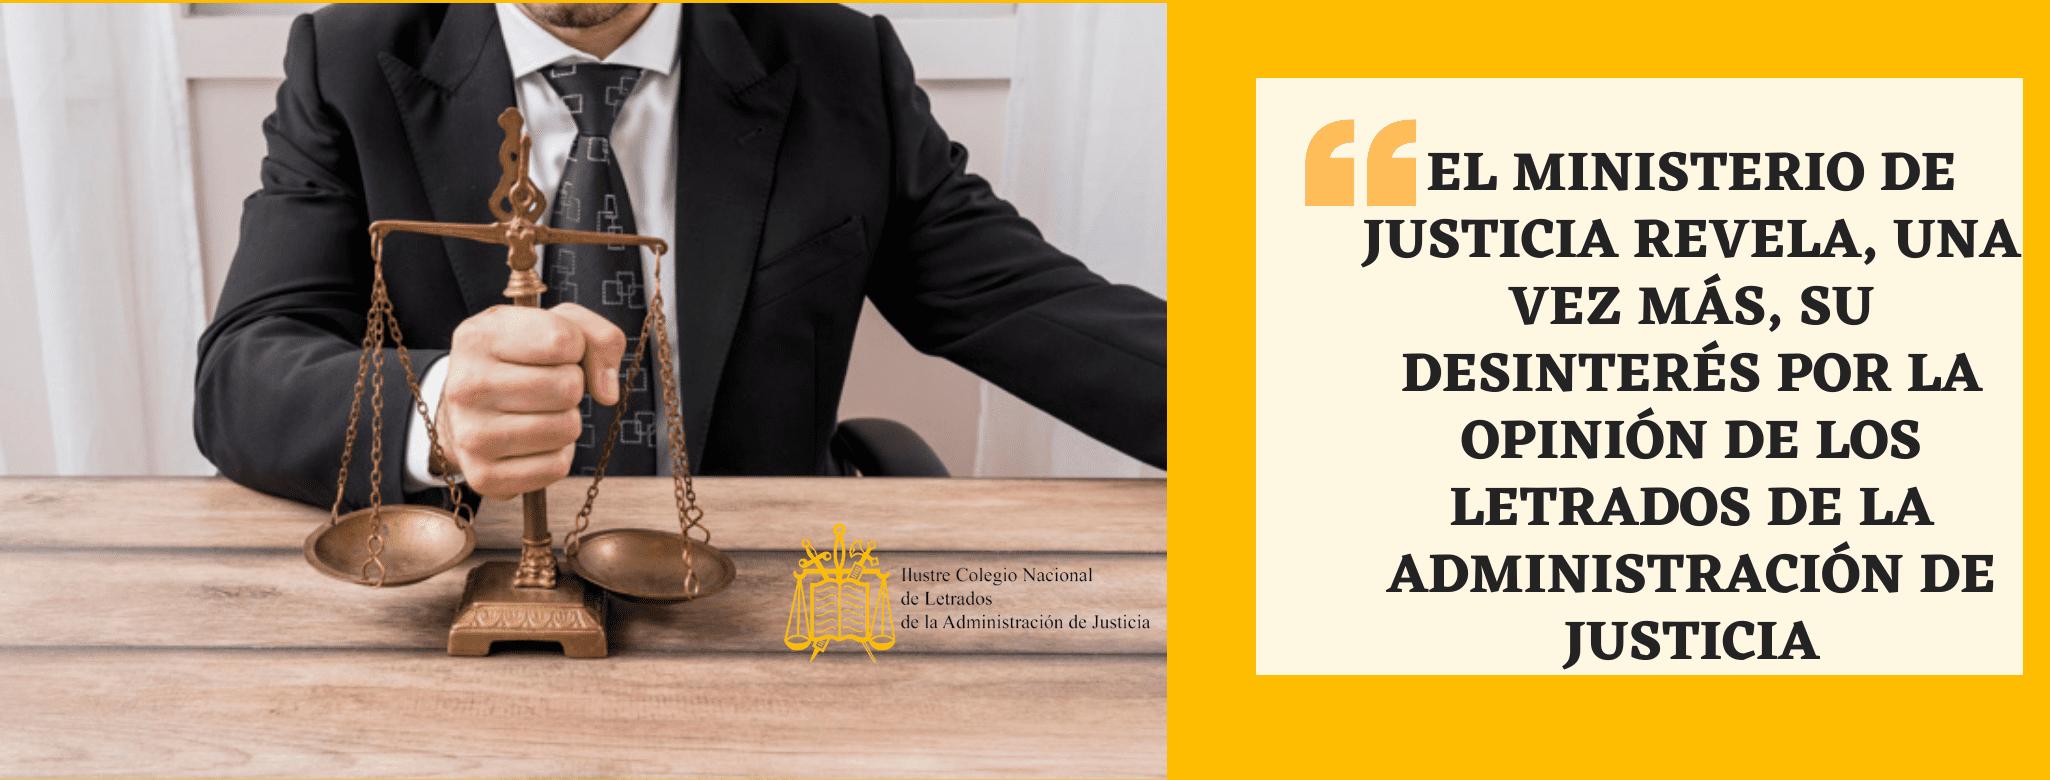 letrados de justicia ministerio justicia